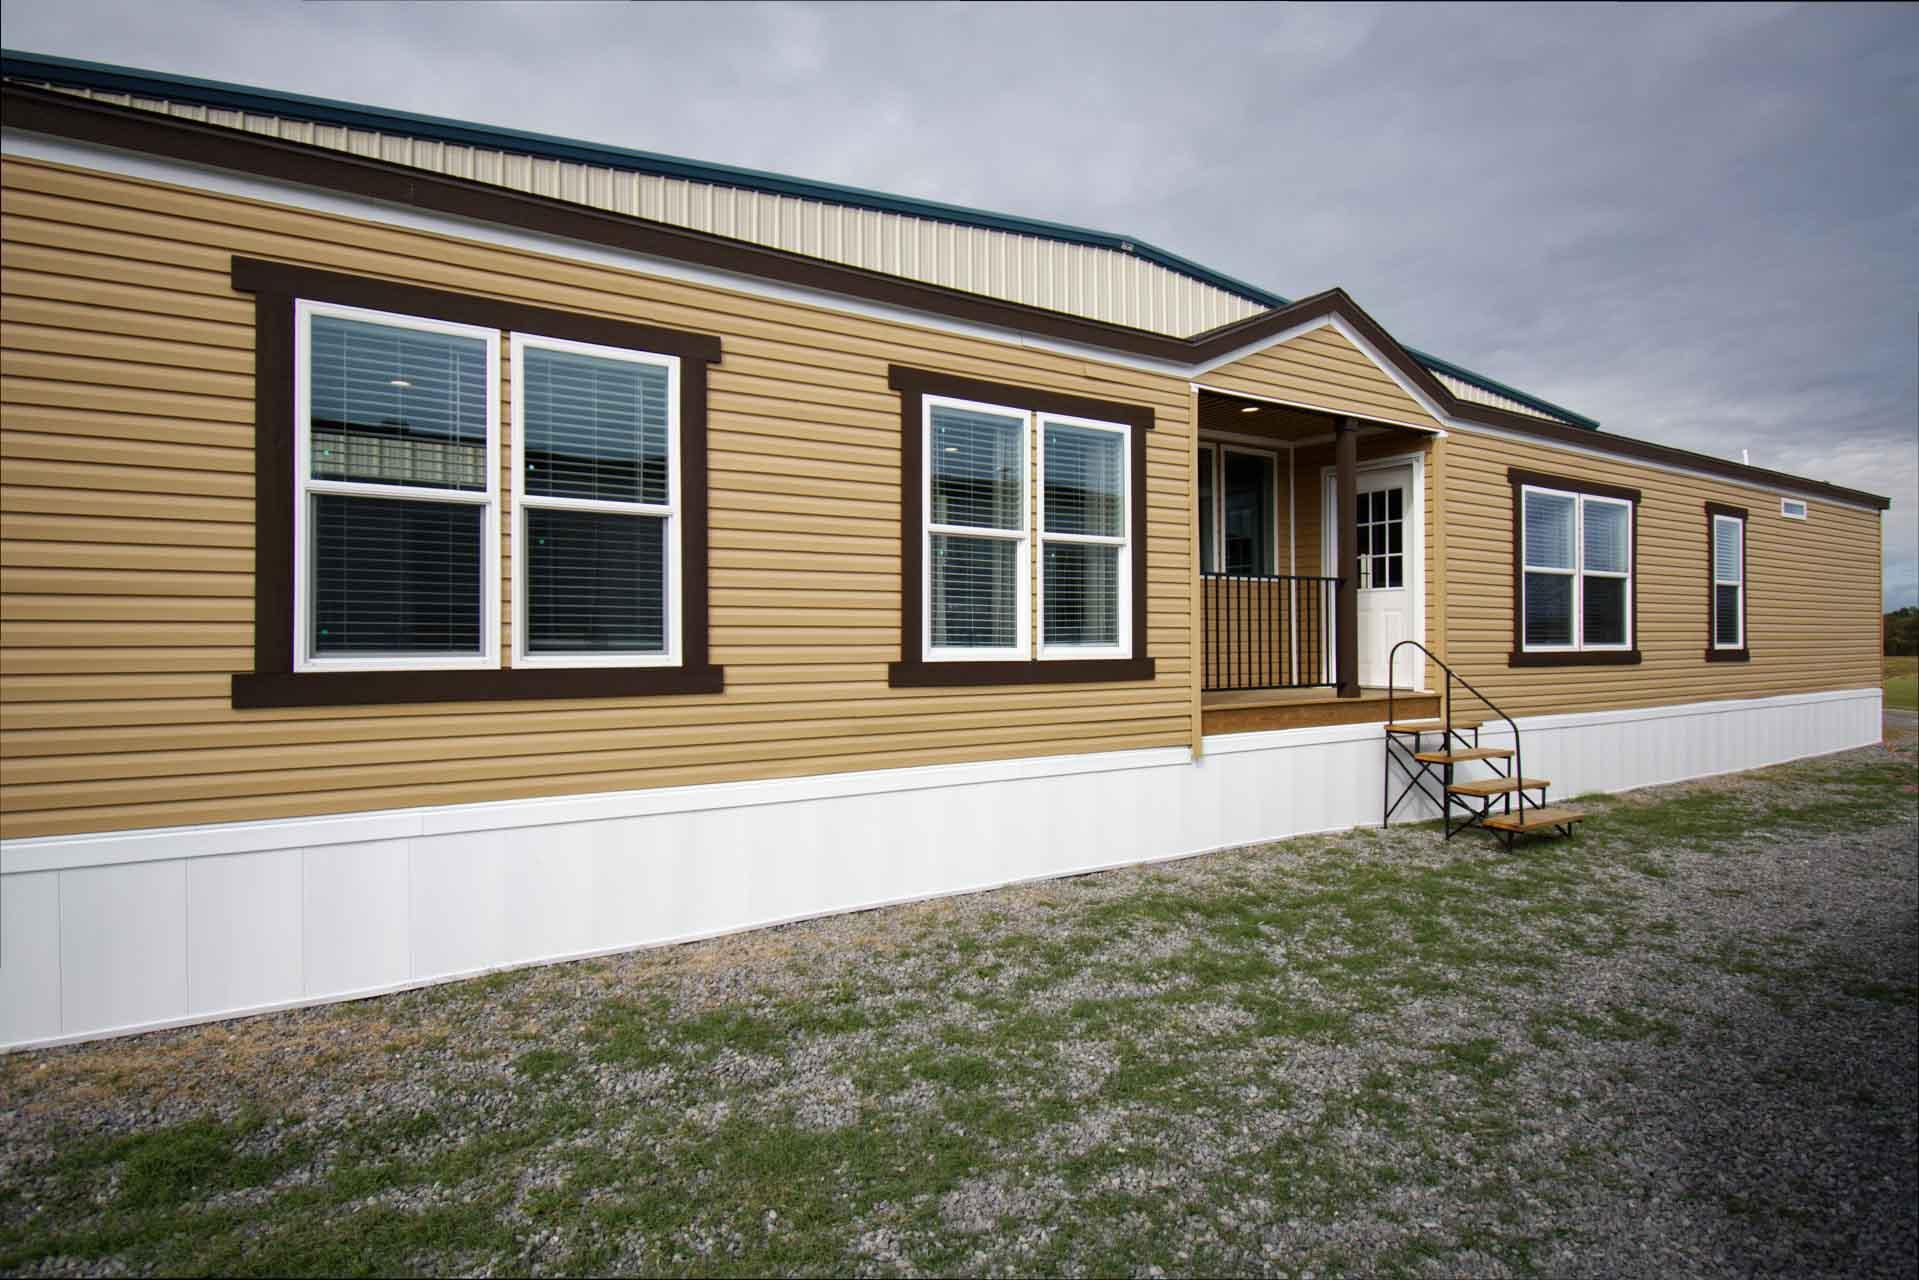 Canyon Lake Farmhouse Fleetwood Homes Lafayette Modularhomes